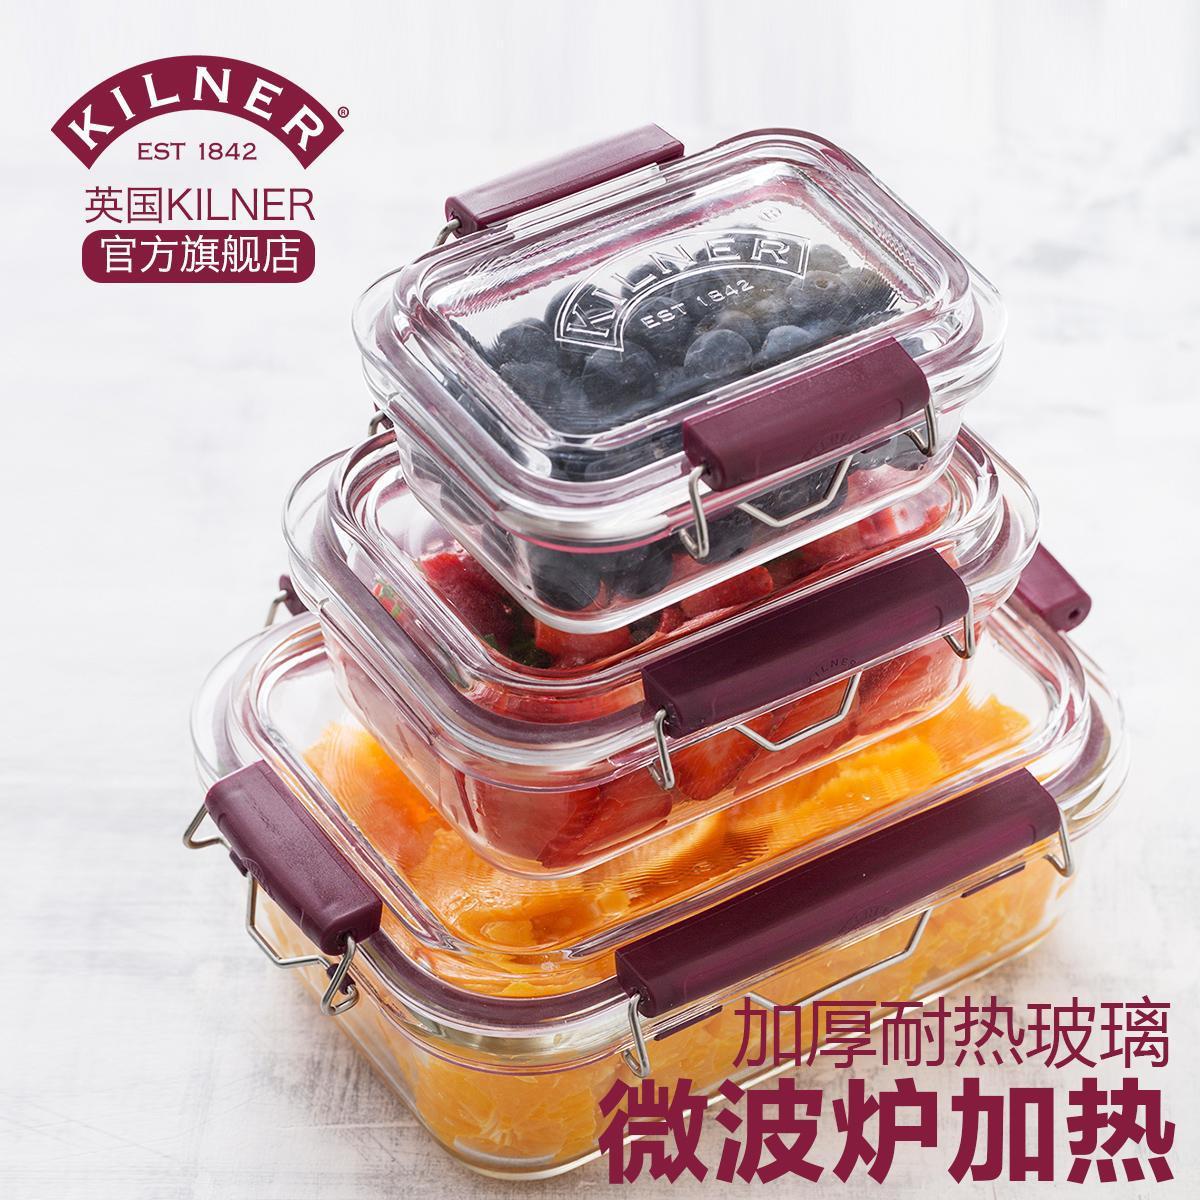 英国Kilner耐热玻璃保鲜盒密封盒餐盒保鲜罐午餐盒可微波炉加热